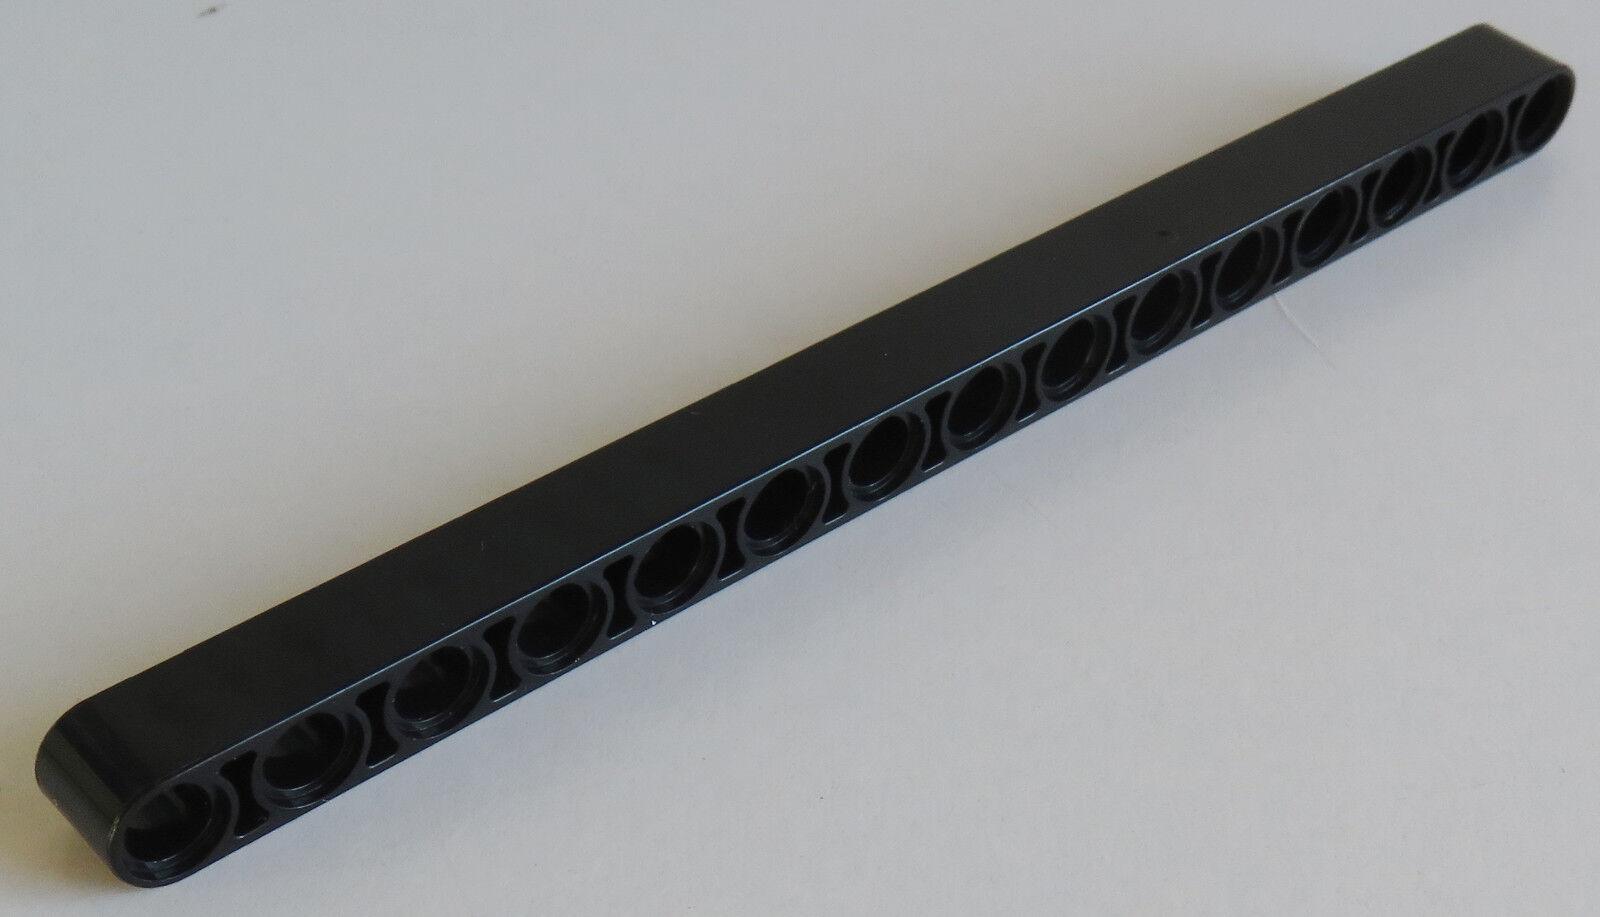 Lego Technic 6x Liftarm 1x3 Thick Dick Schwarz//Schwarz 32523 Neu